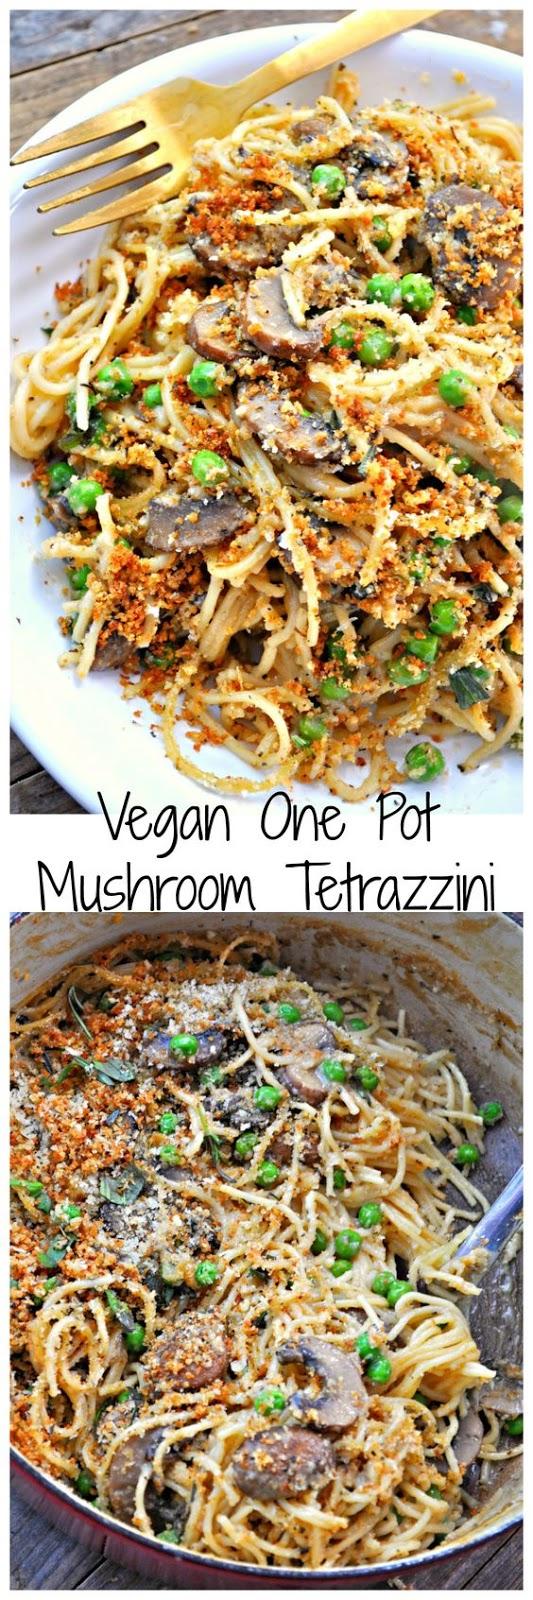 Vegan One Pot Mushroom Tetrazzini #vegan #mushroom #tetrazzini #pasta #pastarecipes #easypastarecipes